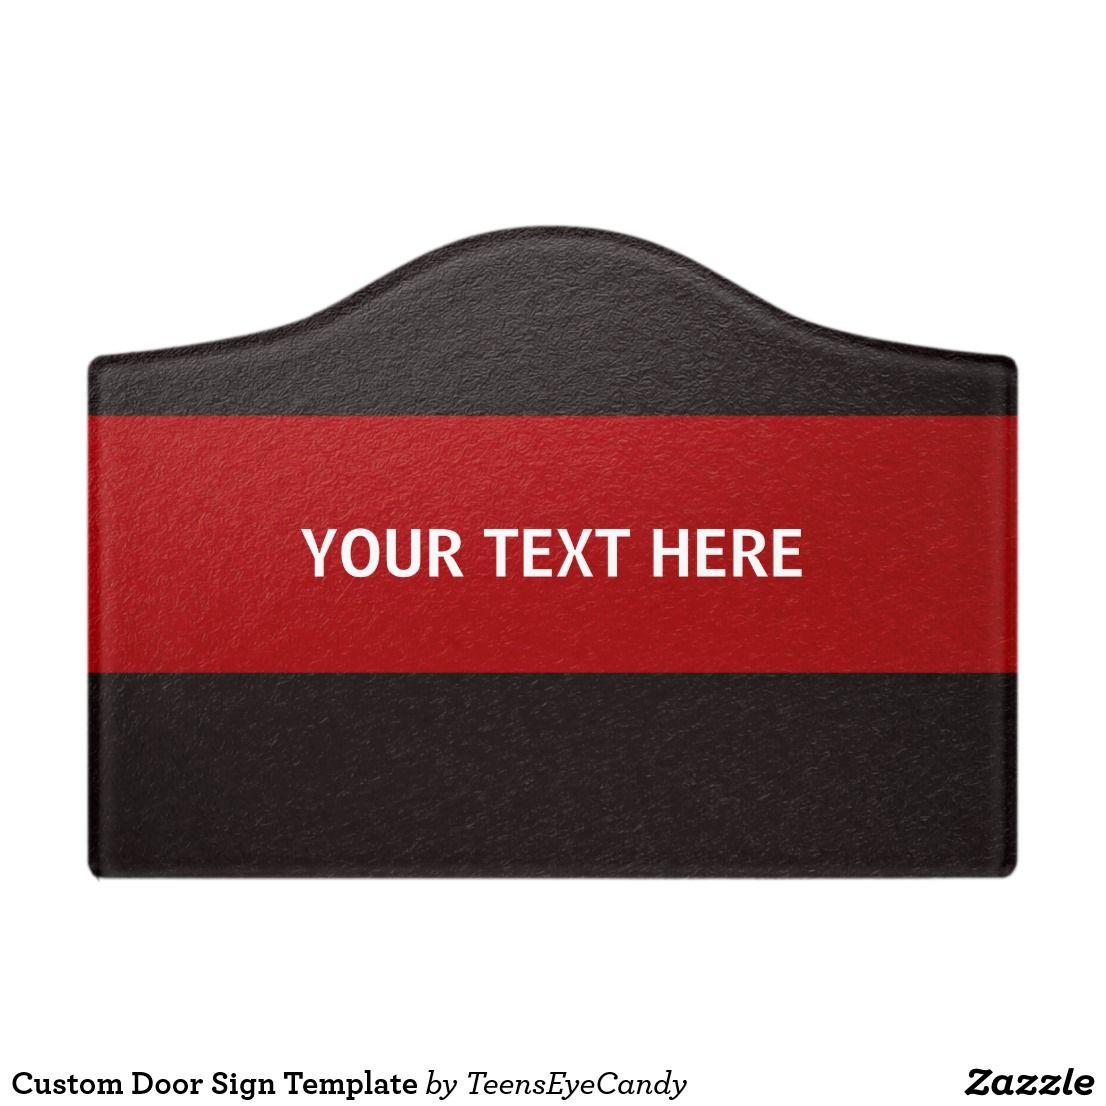 Custom Door Sign Template | Door signs, Doors and Template